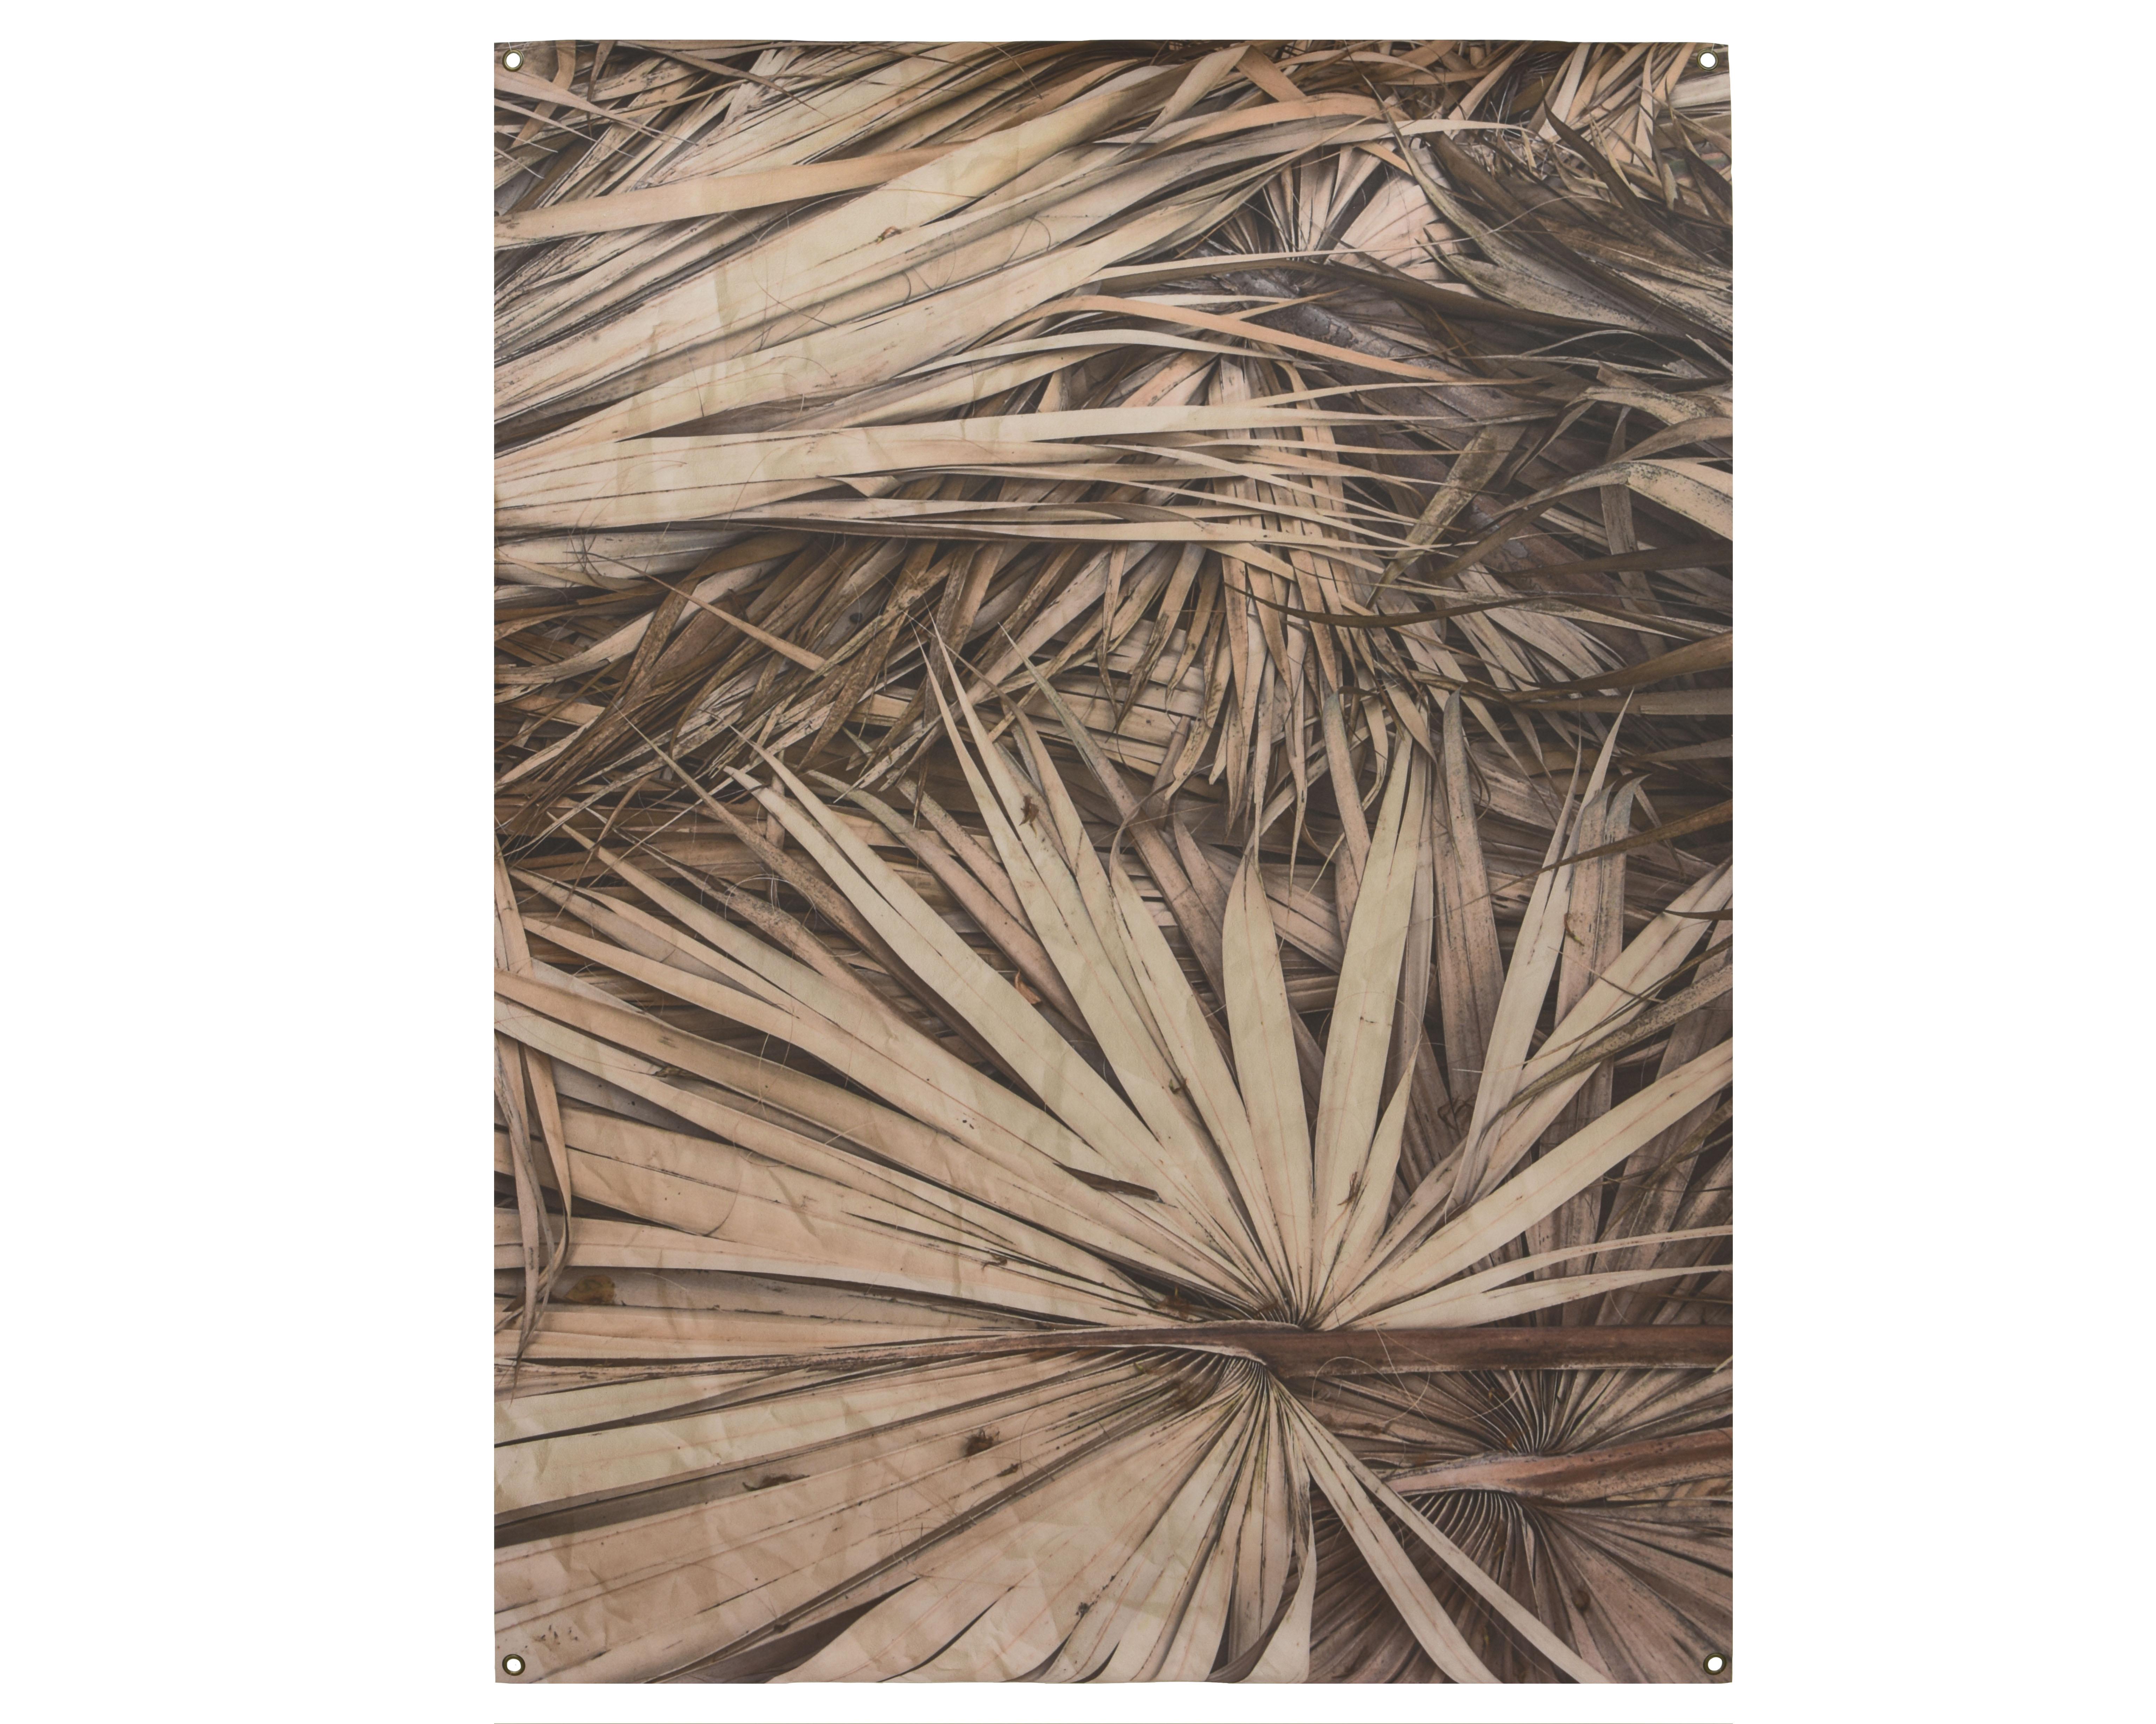 Fotoprint Poster Palm Bladeren 90 x 120 cm